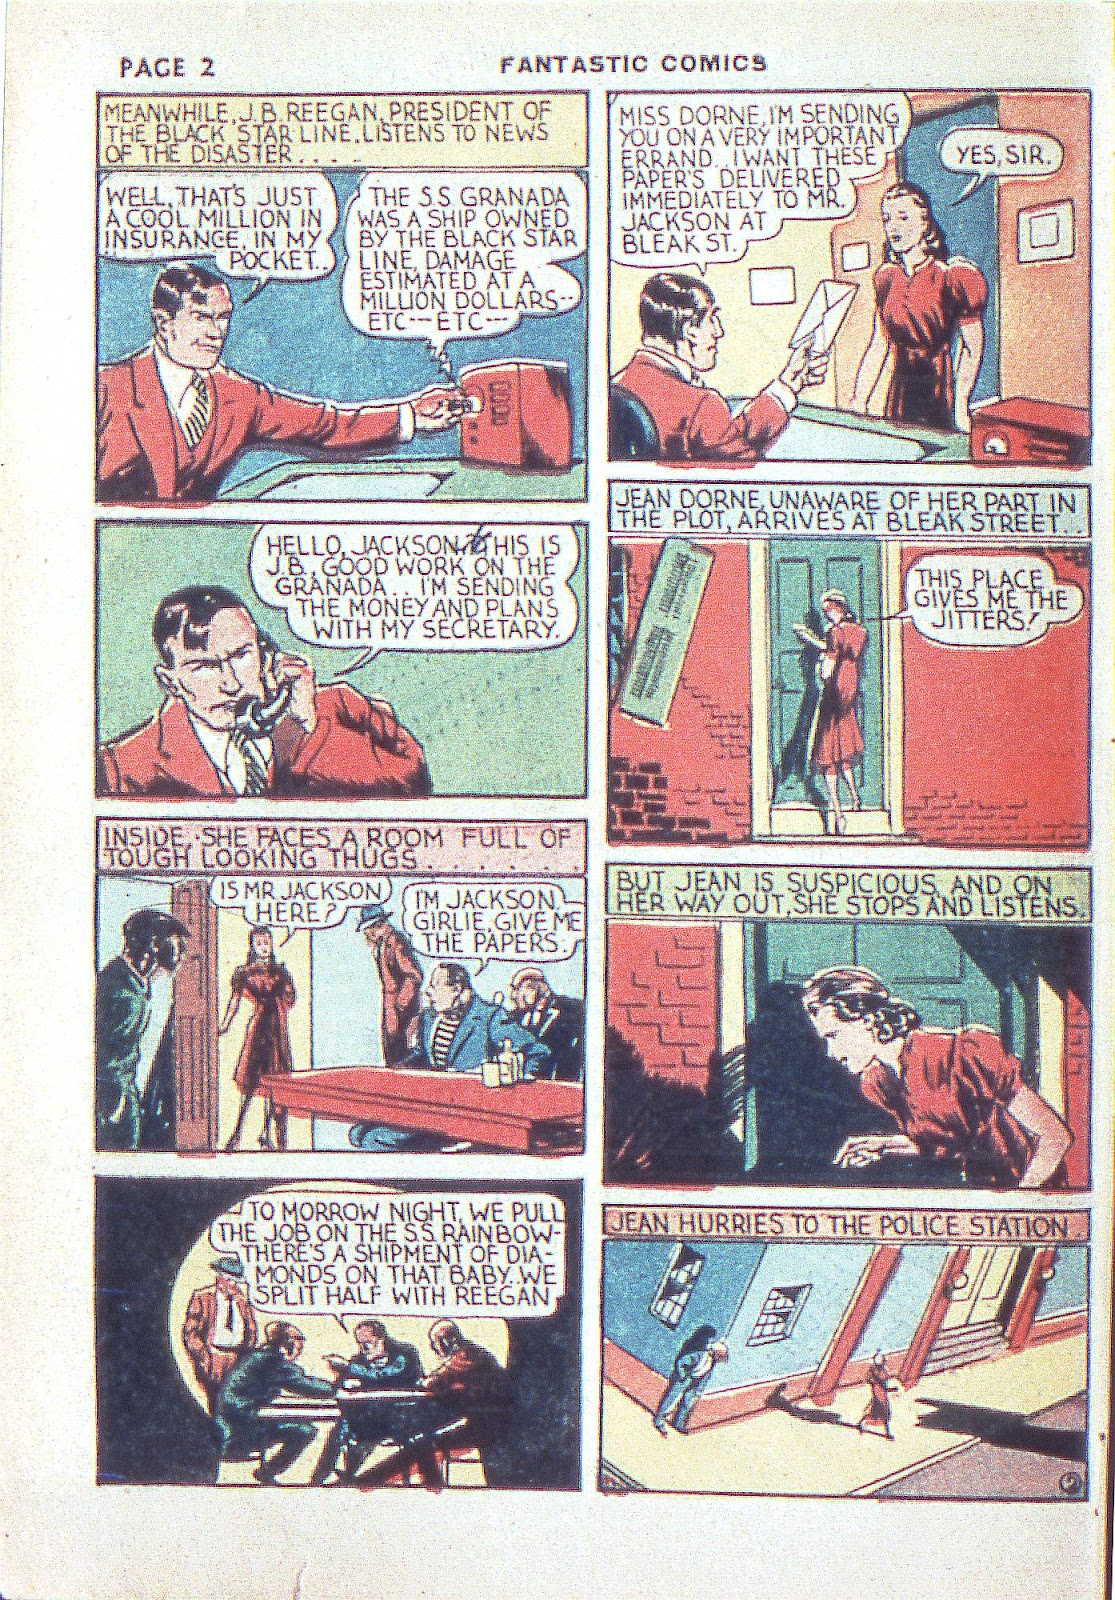 Read online Fantastic Comics comic -  Issue #3 - 5